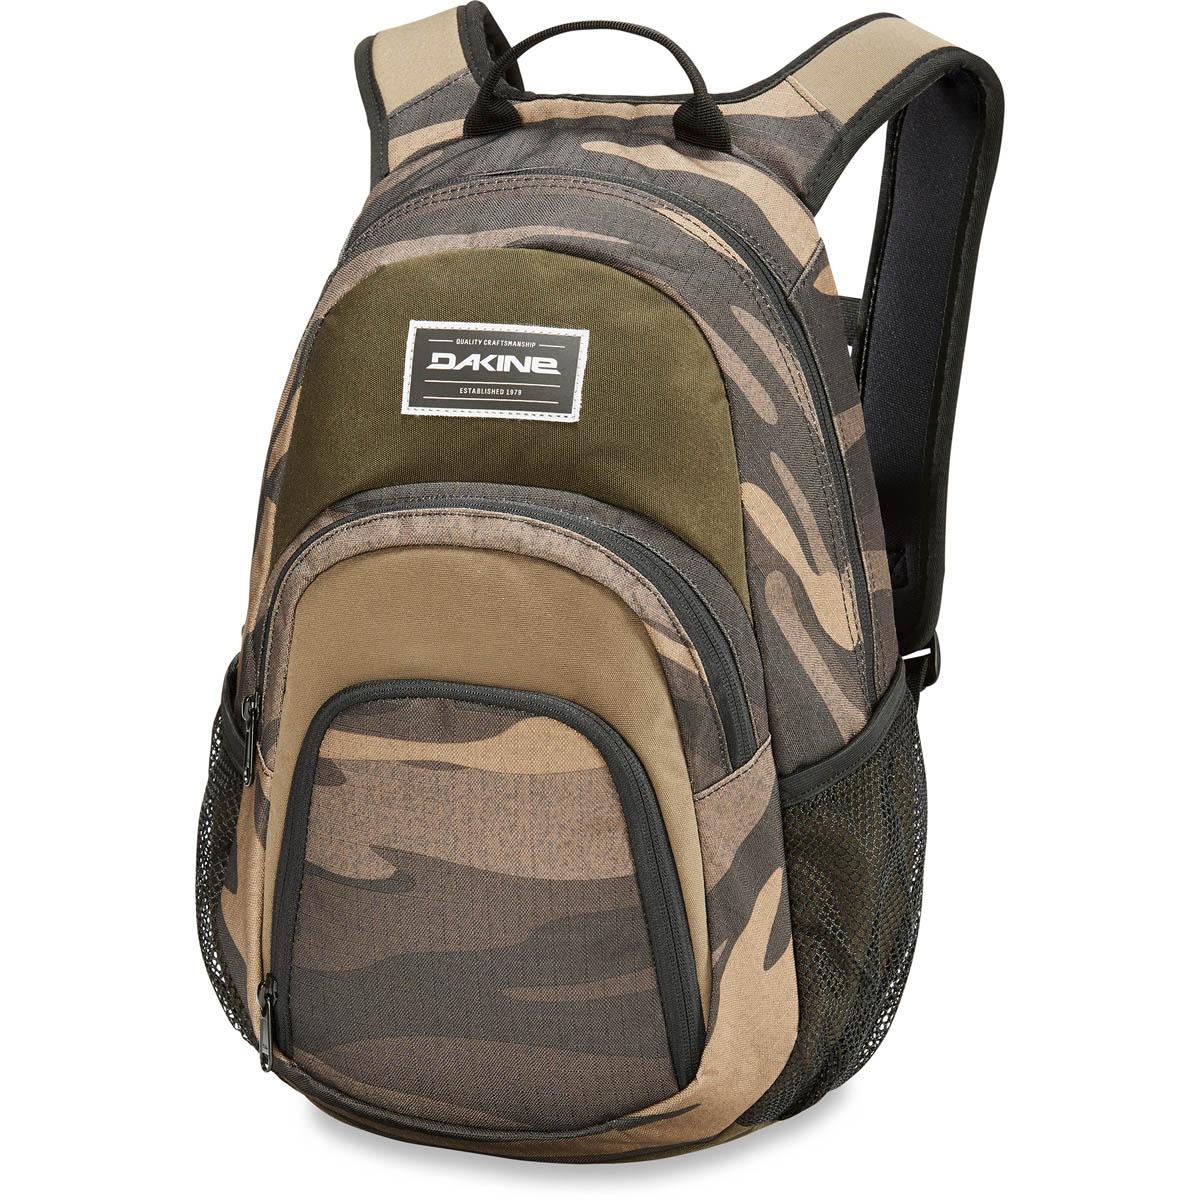 Tasche *ANGEBOT*  Scrambler Field Rucksack